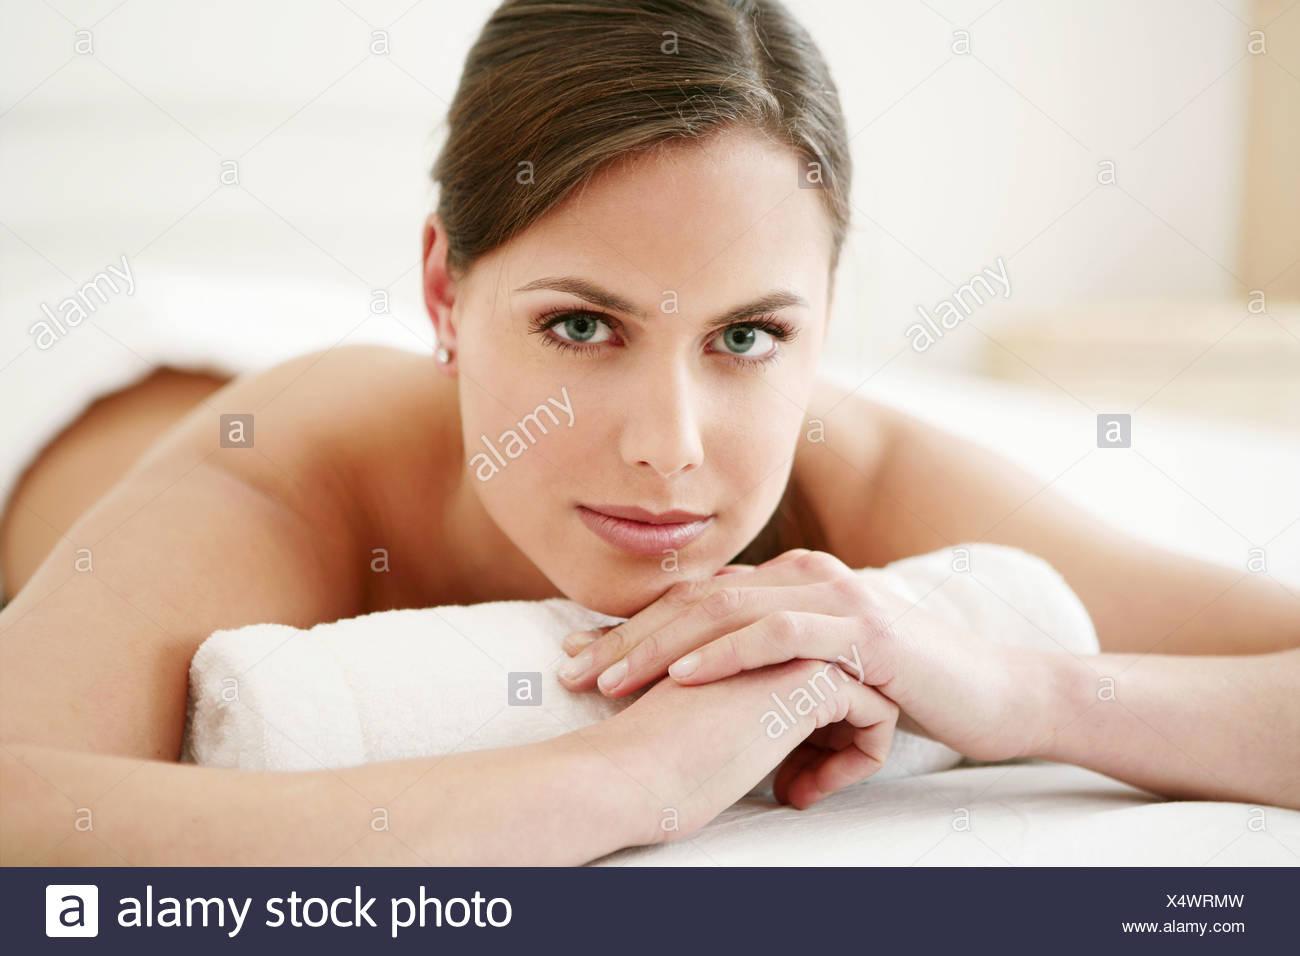 Jeune, femme, mensonge, tendre, douce, lit, spa, modèle, des profils, de race blanche, femme, santé, beauté, soins, 20-25 ans, 18-19 ans, Photo Stock